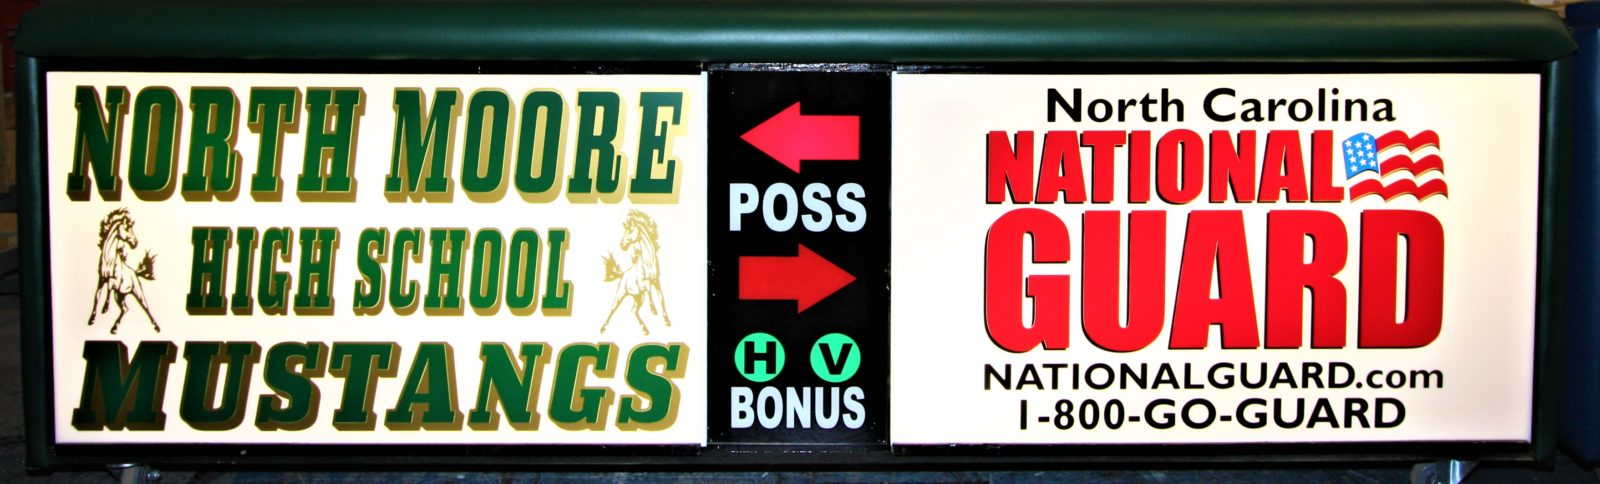 North Moore high school scoring table north carolina army national guard NCARNG